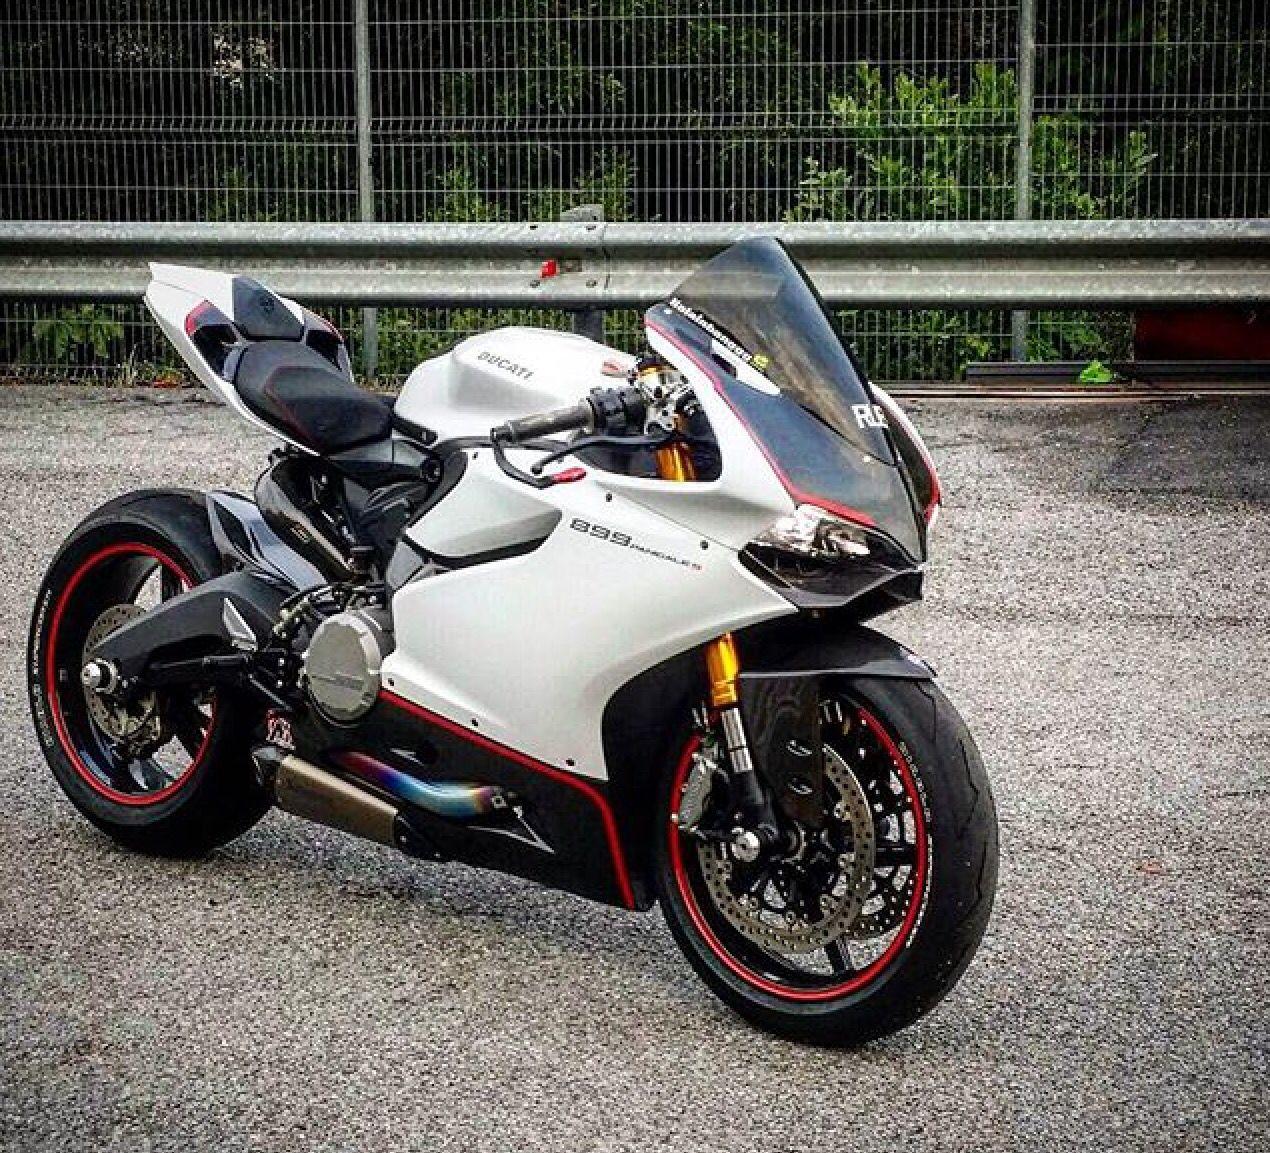 Ducati 899 Panigale.... Nice Color Scheme!